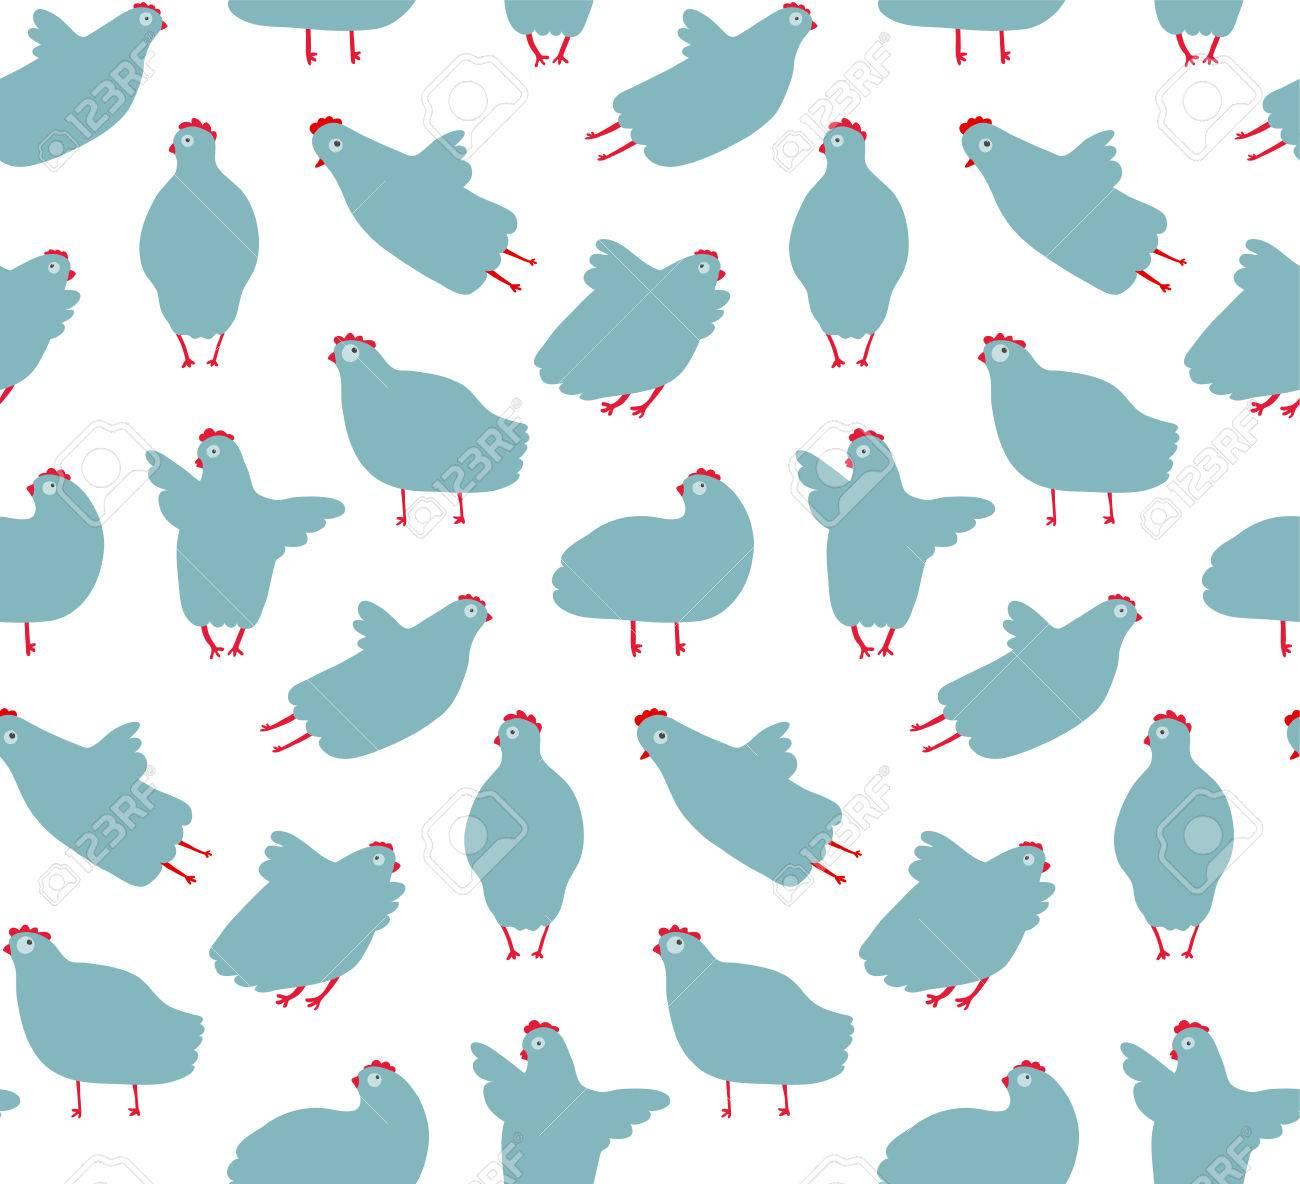 Gallina Divertida Diseño De Fondo Transparente De Aves De Gallina En ...